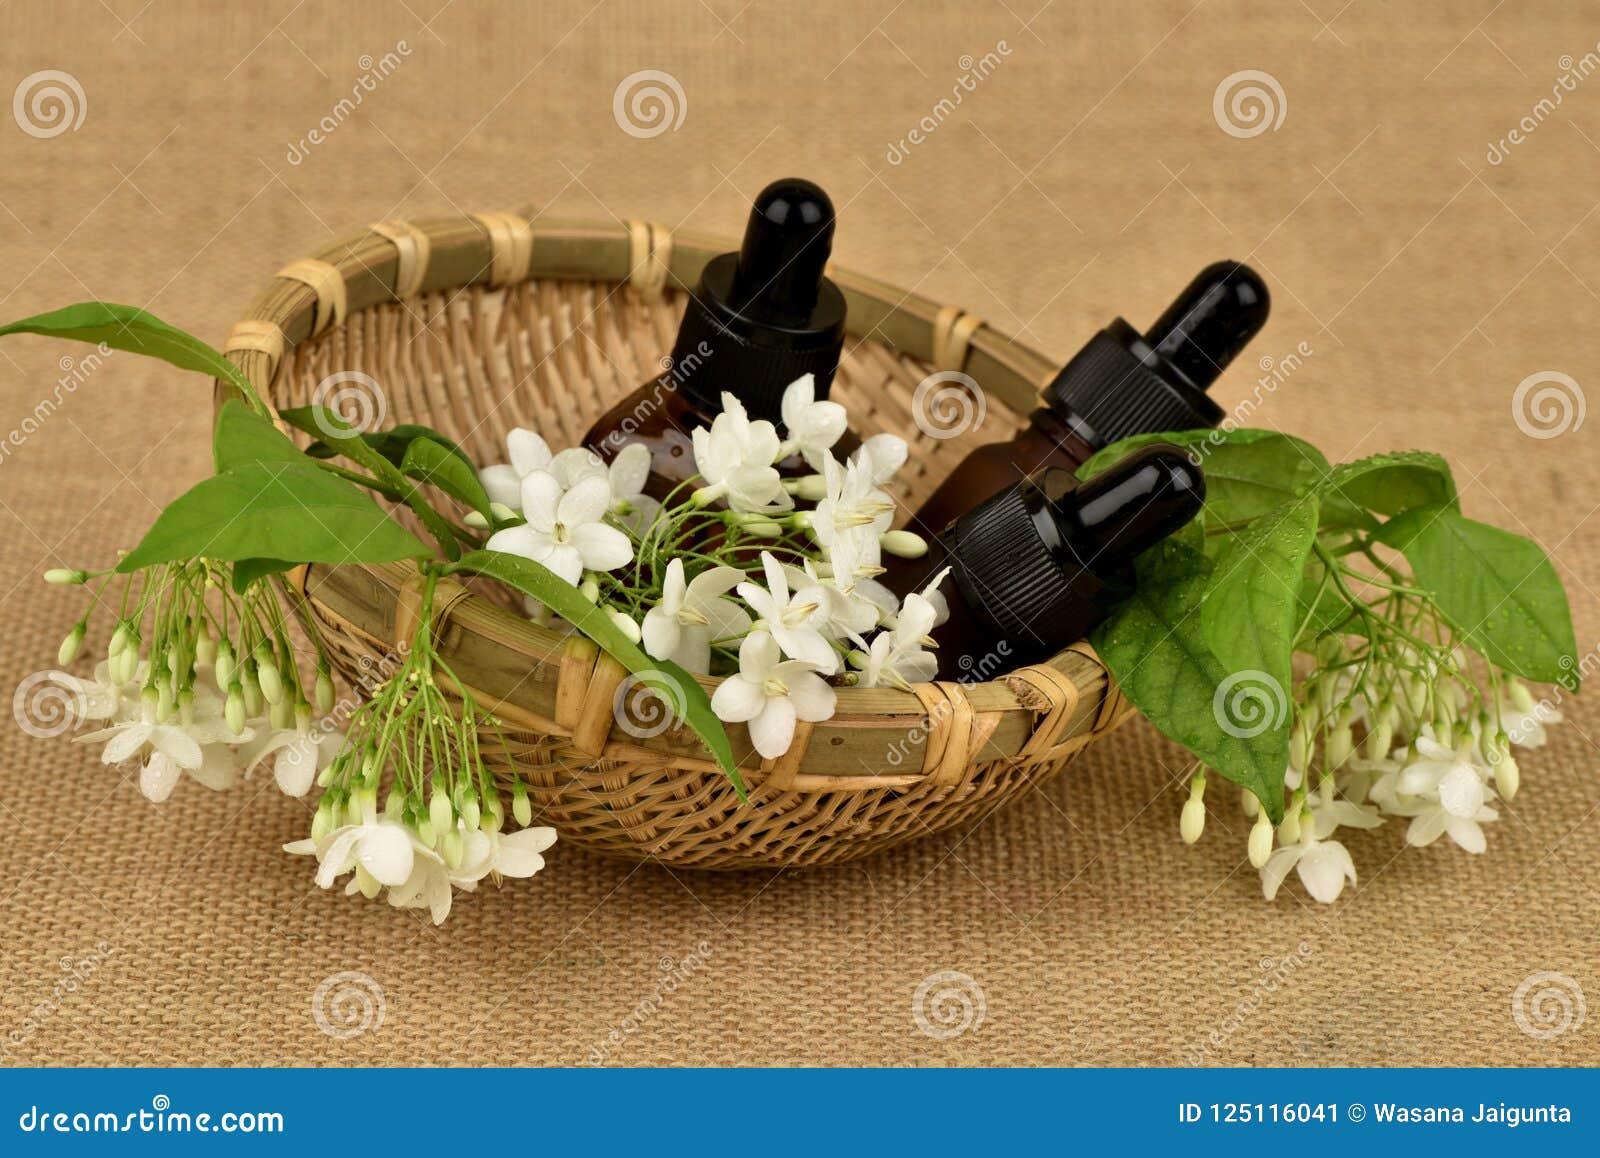 Religiosa Benth di Wrightia , i fiori per usare l estratto e l olio essenziale hanno proprietà medicinali